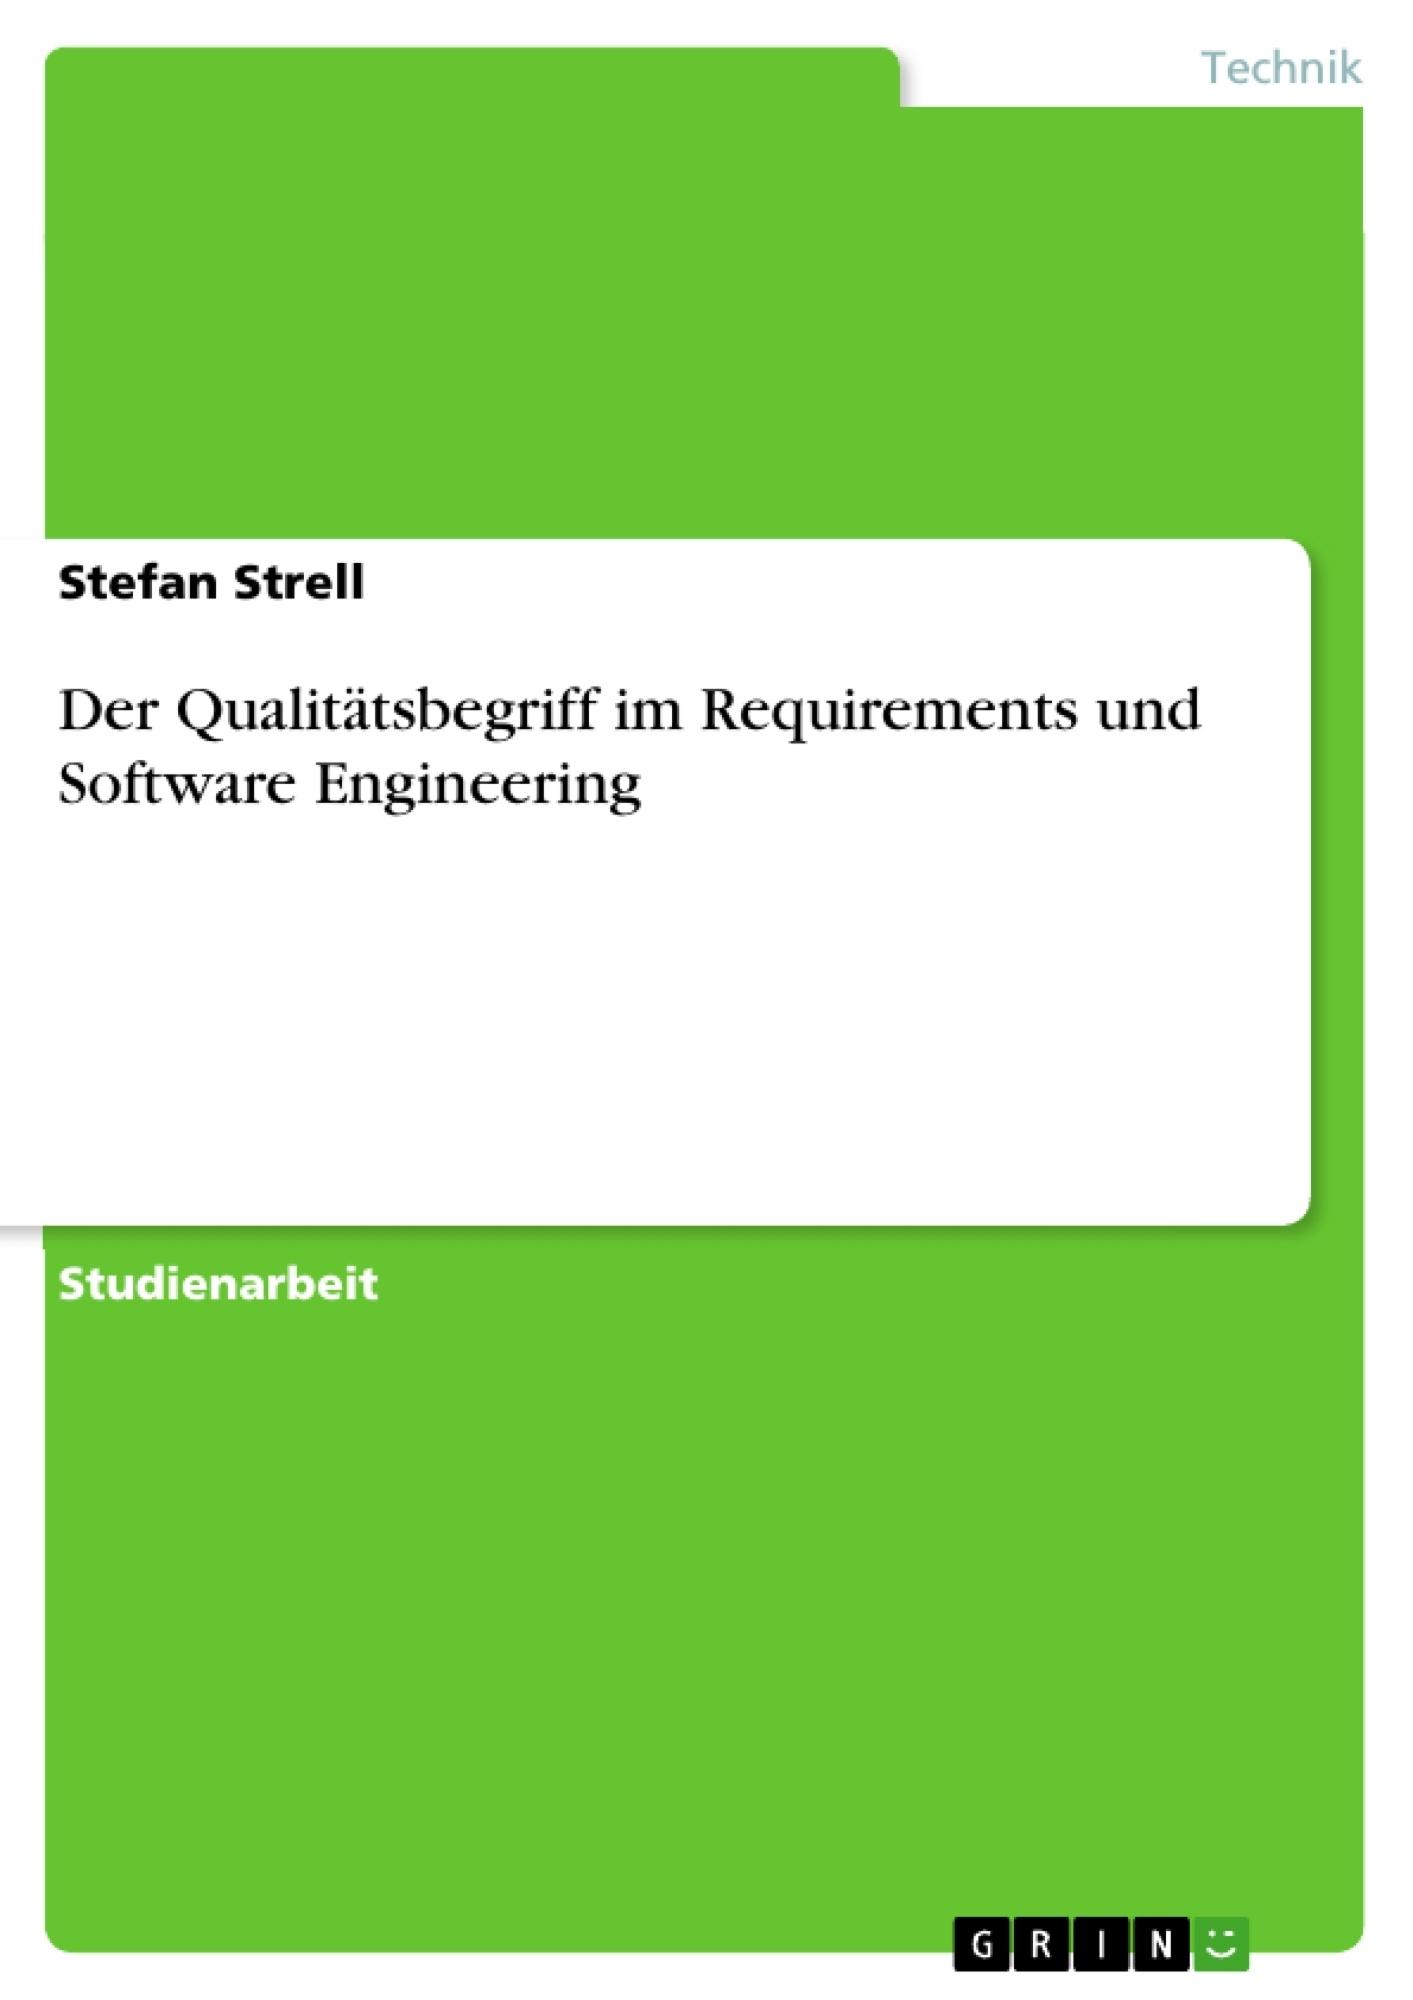 Titel: Der Qualitätsbegriff im Requirements und Software Engineering